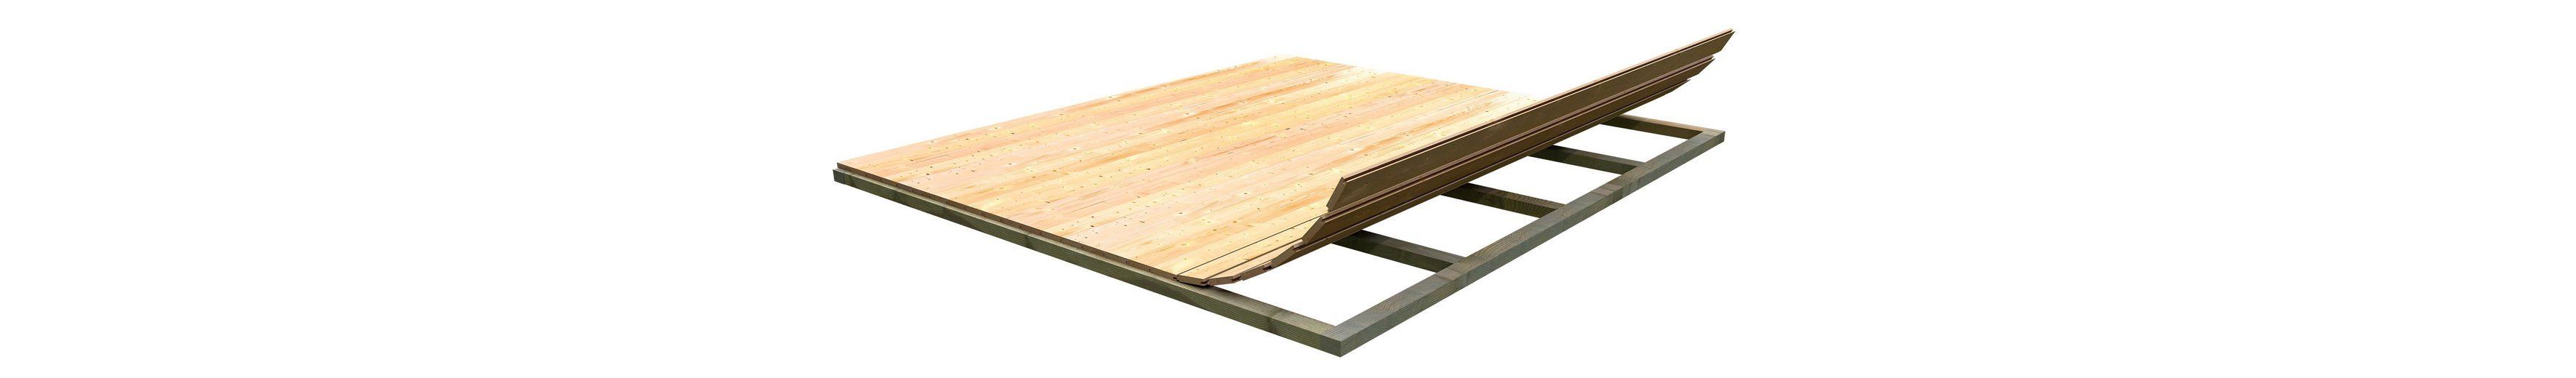 Fußboden für Gartenhäuser, BxT: 175x175 cm